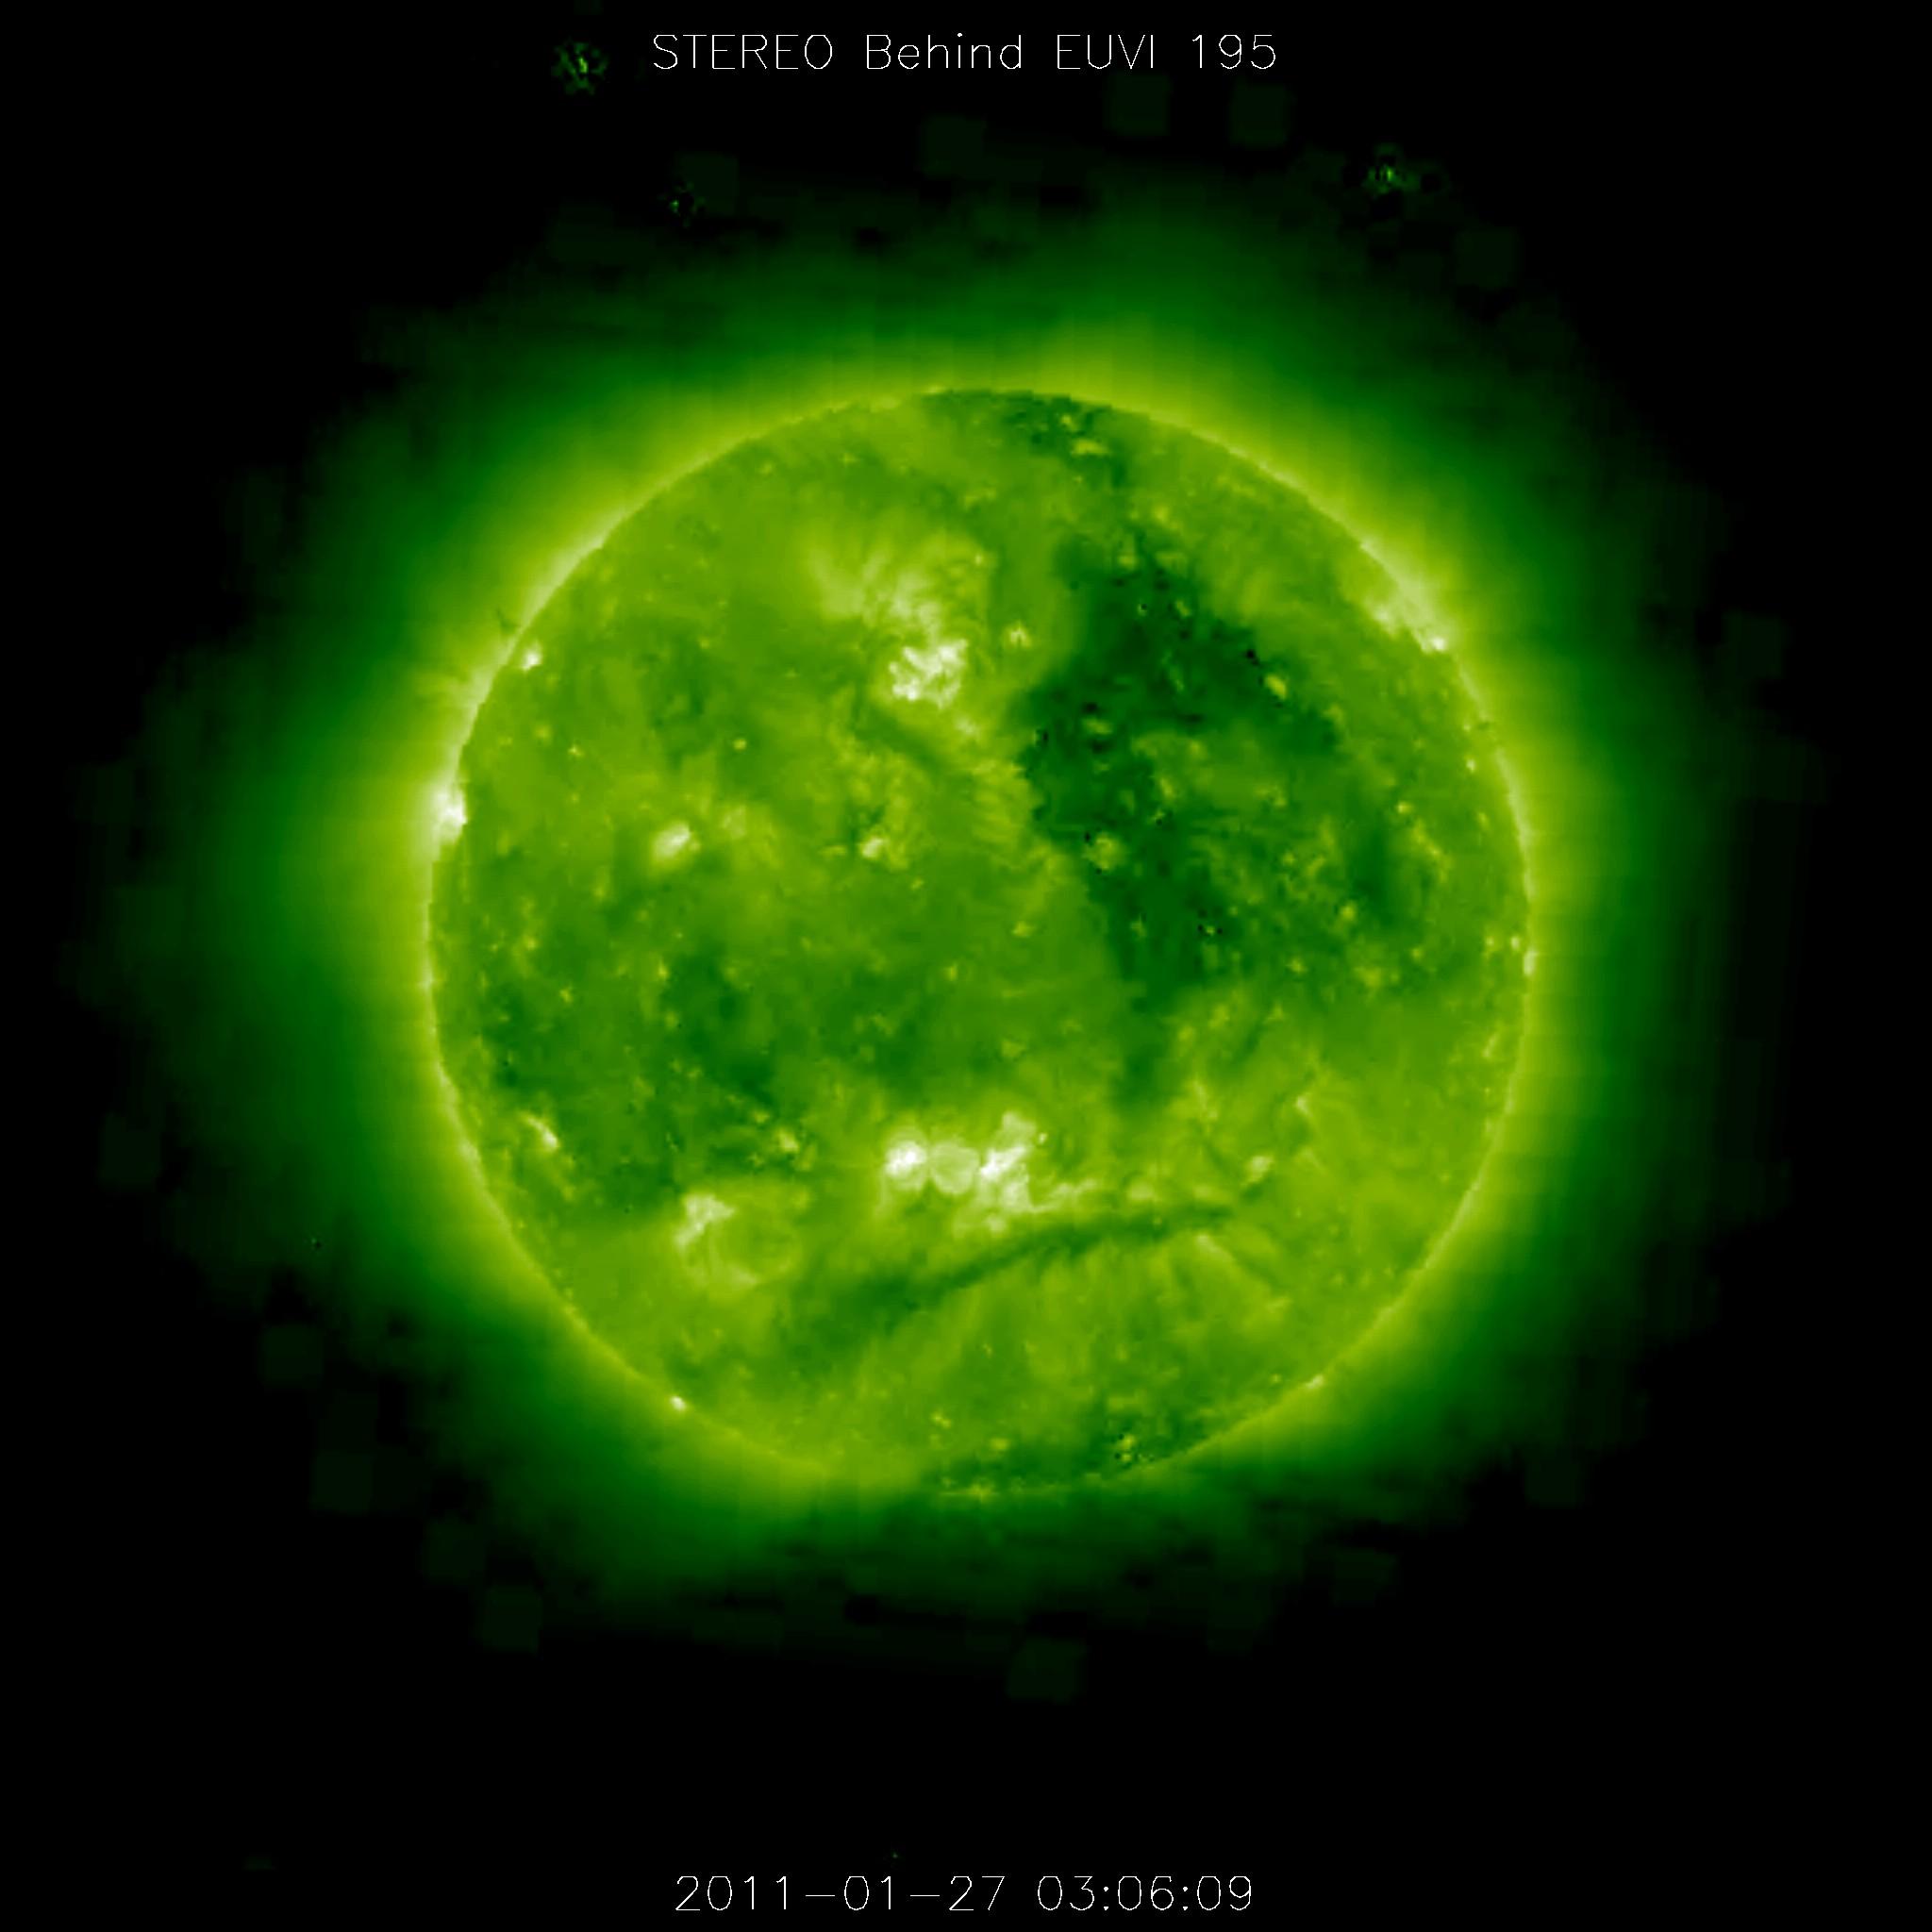 やつらがまたやって来た!:太陽を周回する謎の巨大物体たち_e0171614_21451637.jpg